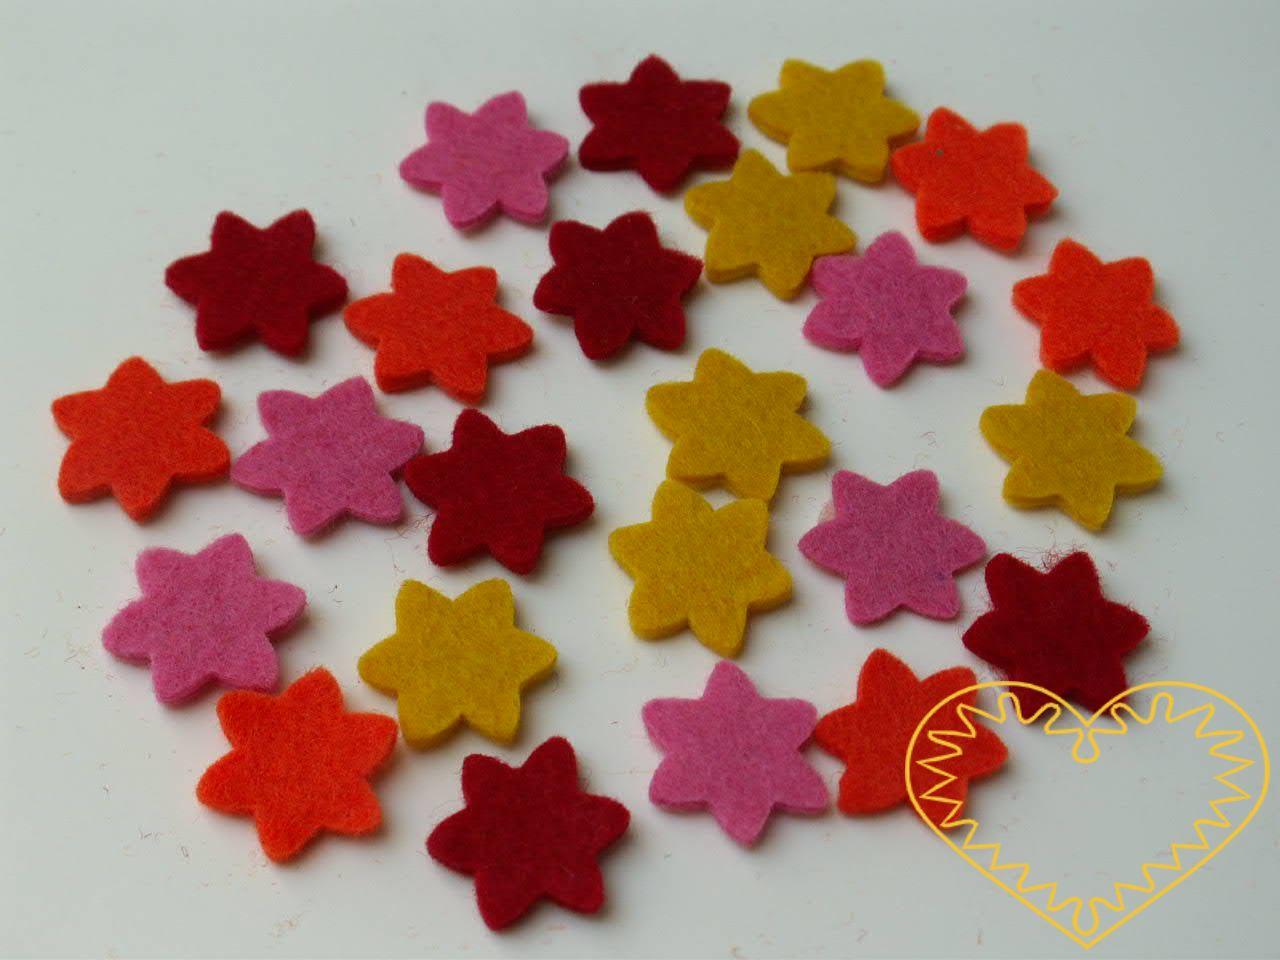 Kytičky z plsti se samolepem. Balení obsahuje 24 ks kytek různých barev z plsti, na spodní straně se samolepící fólií. Vhodné k aranžování, přízdobám, tvoření s dětmi, jako základ nejrůznějších dekorací.